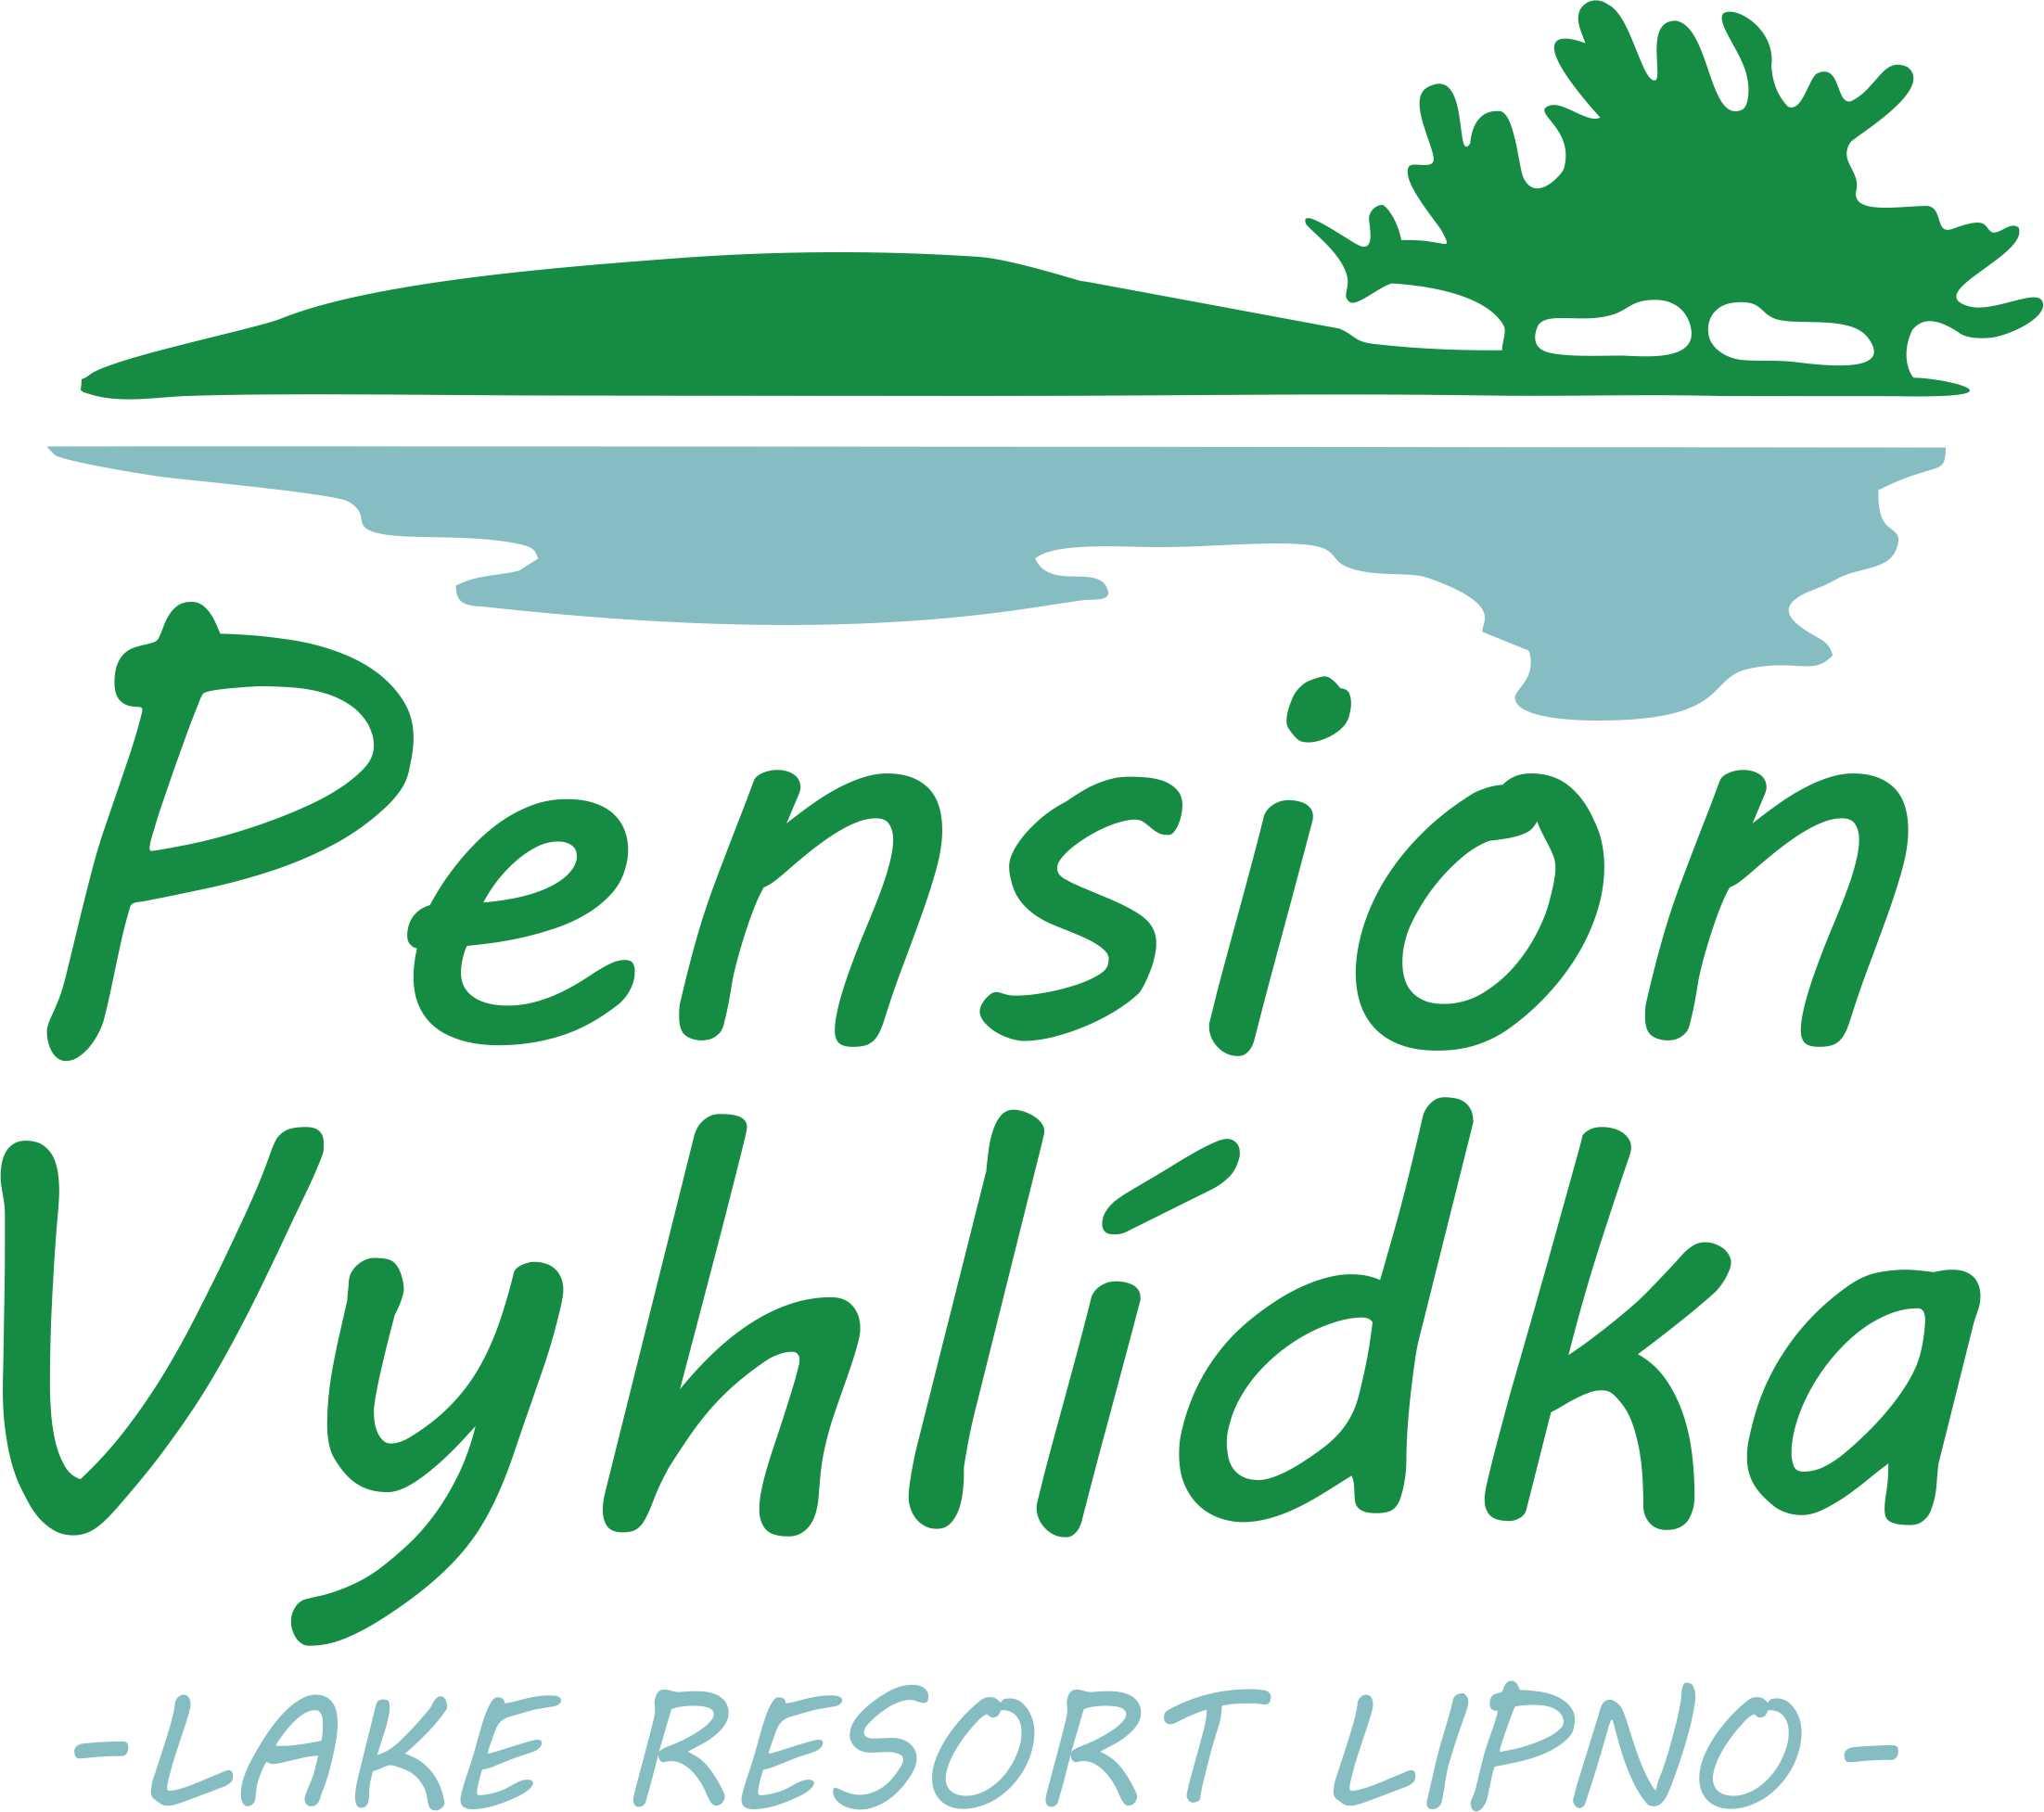 Pension Vyhlídka